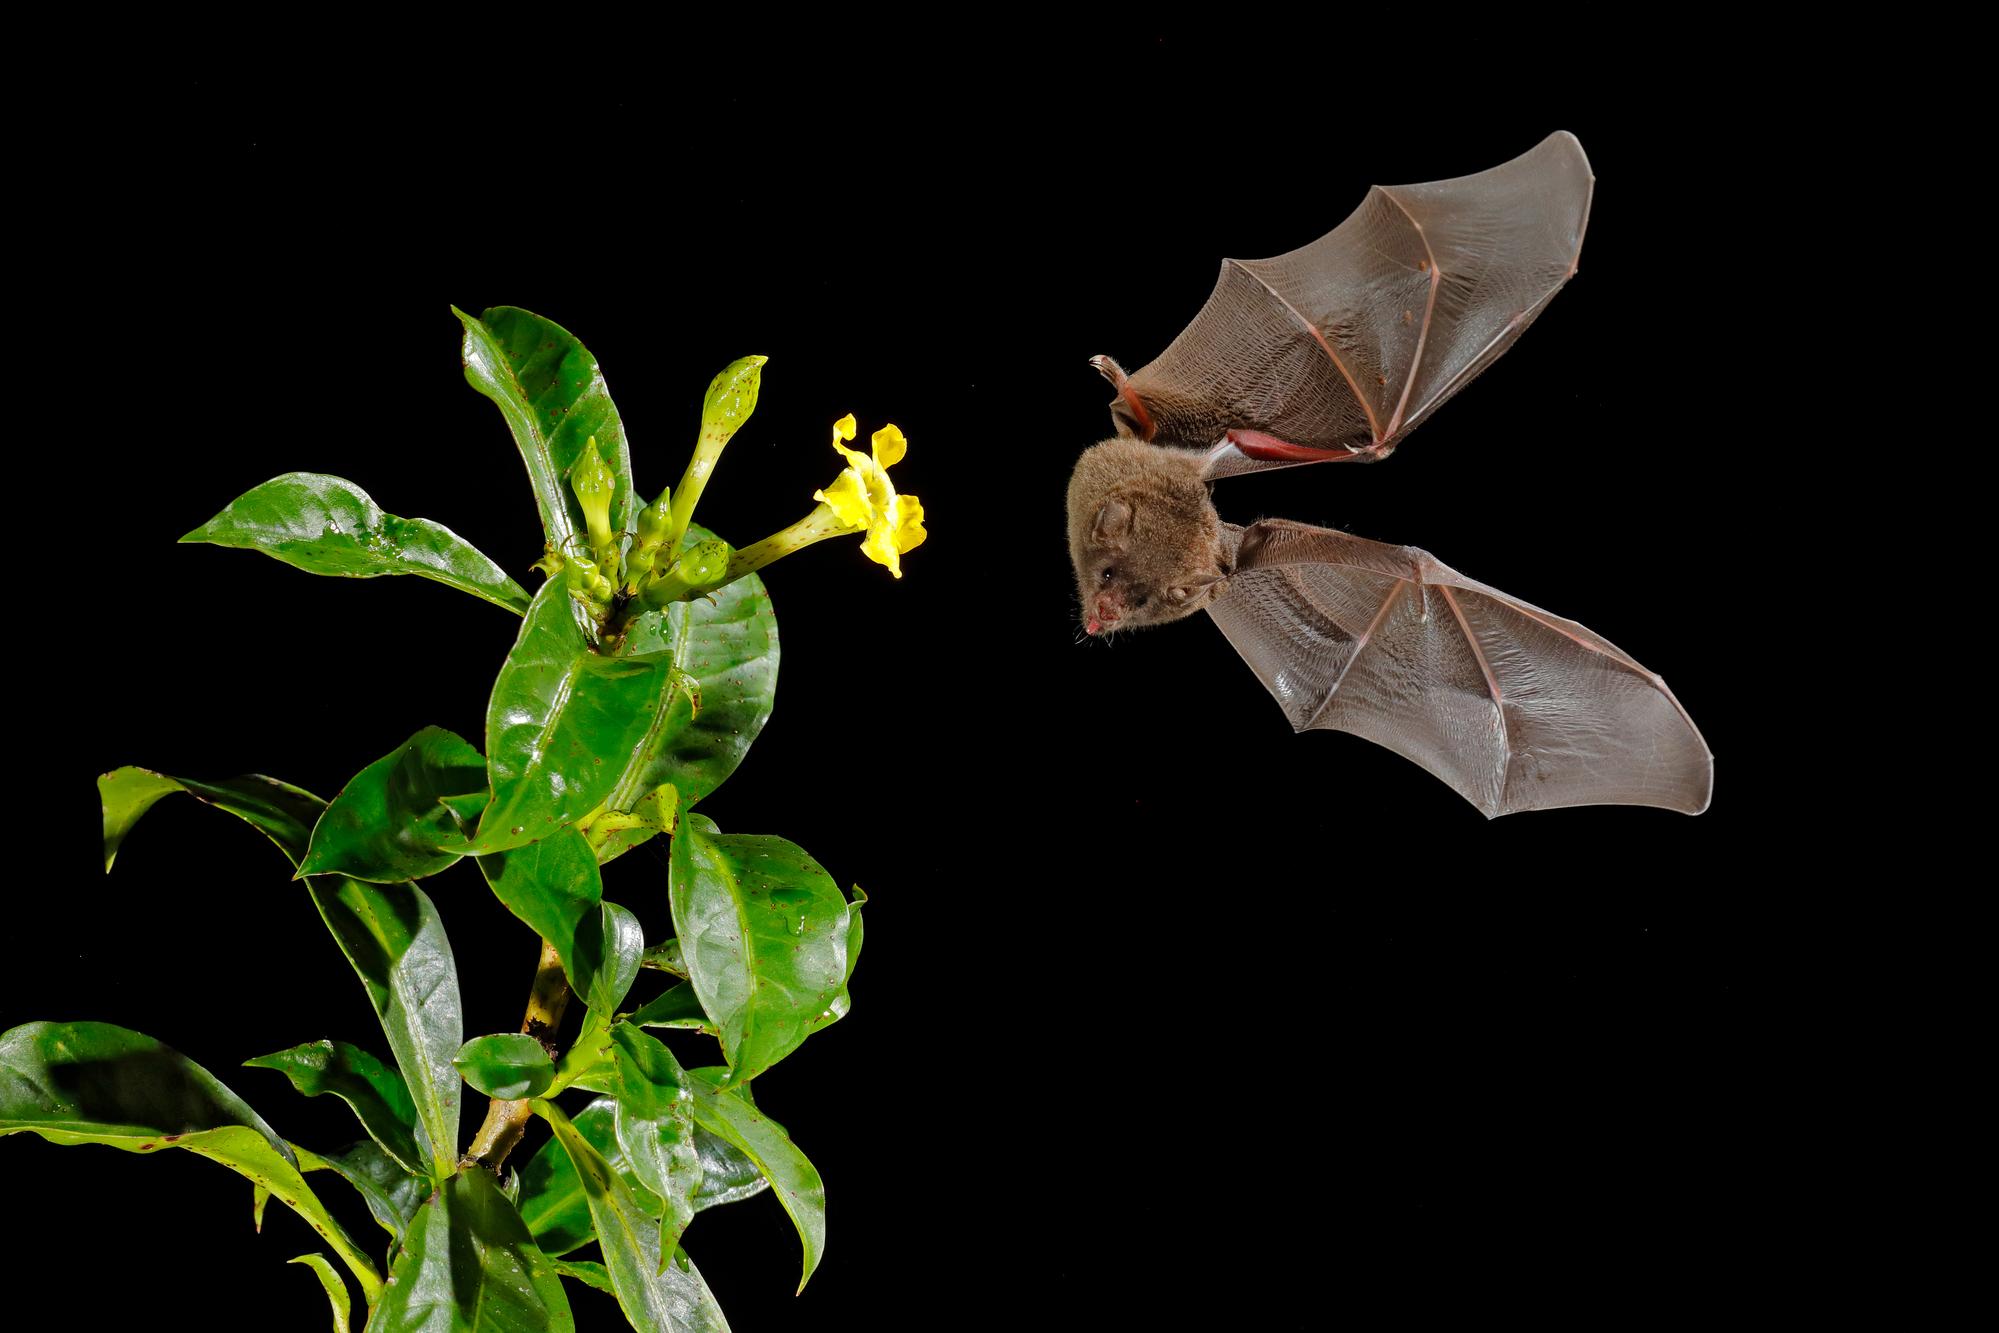 Для ночных летучих мышей эхолокация— основной инструмент ориентирования впространстве. При определённой тренировке подобный навык может помочь илюдям спотерей зрения.